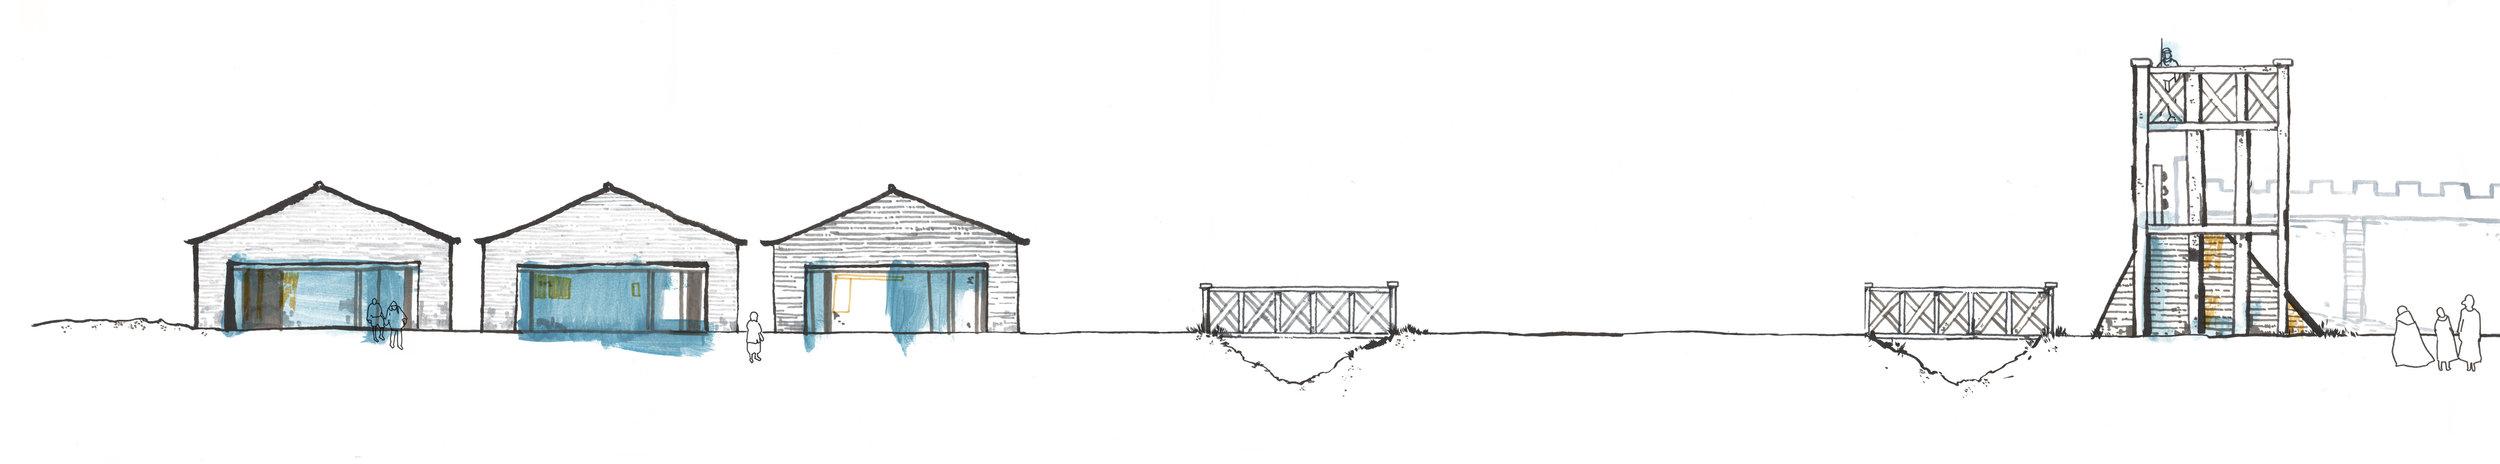 Corbridge fort Pt1-1000.jpg